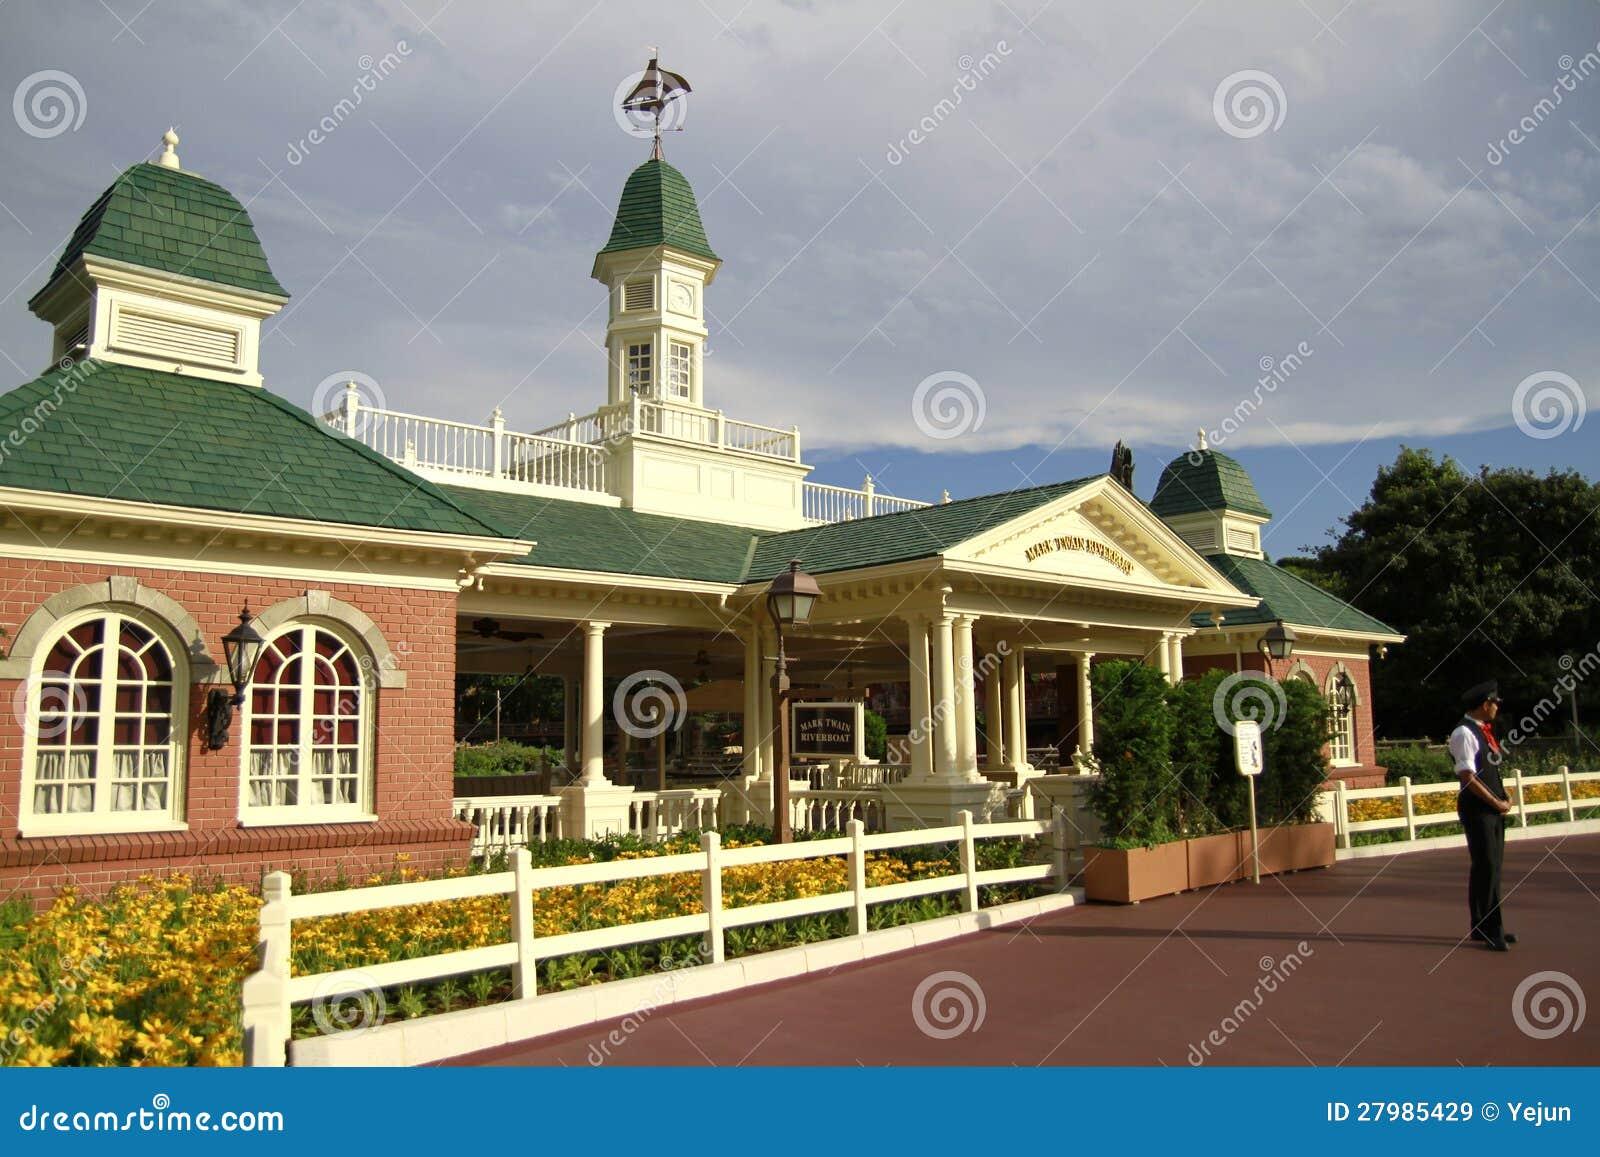 Maison am ricaine de style tokyo disneyland image stock - Style maison americaine ...